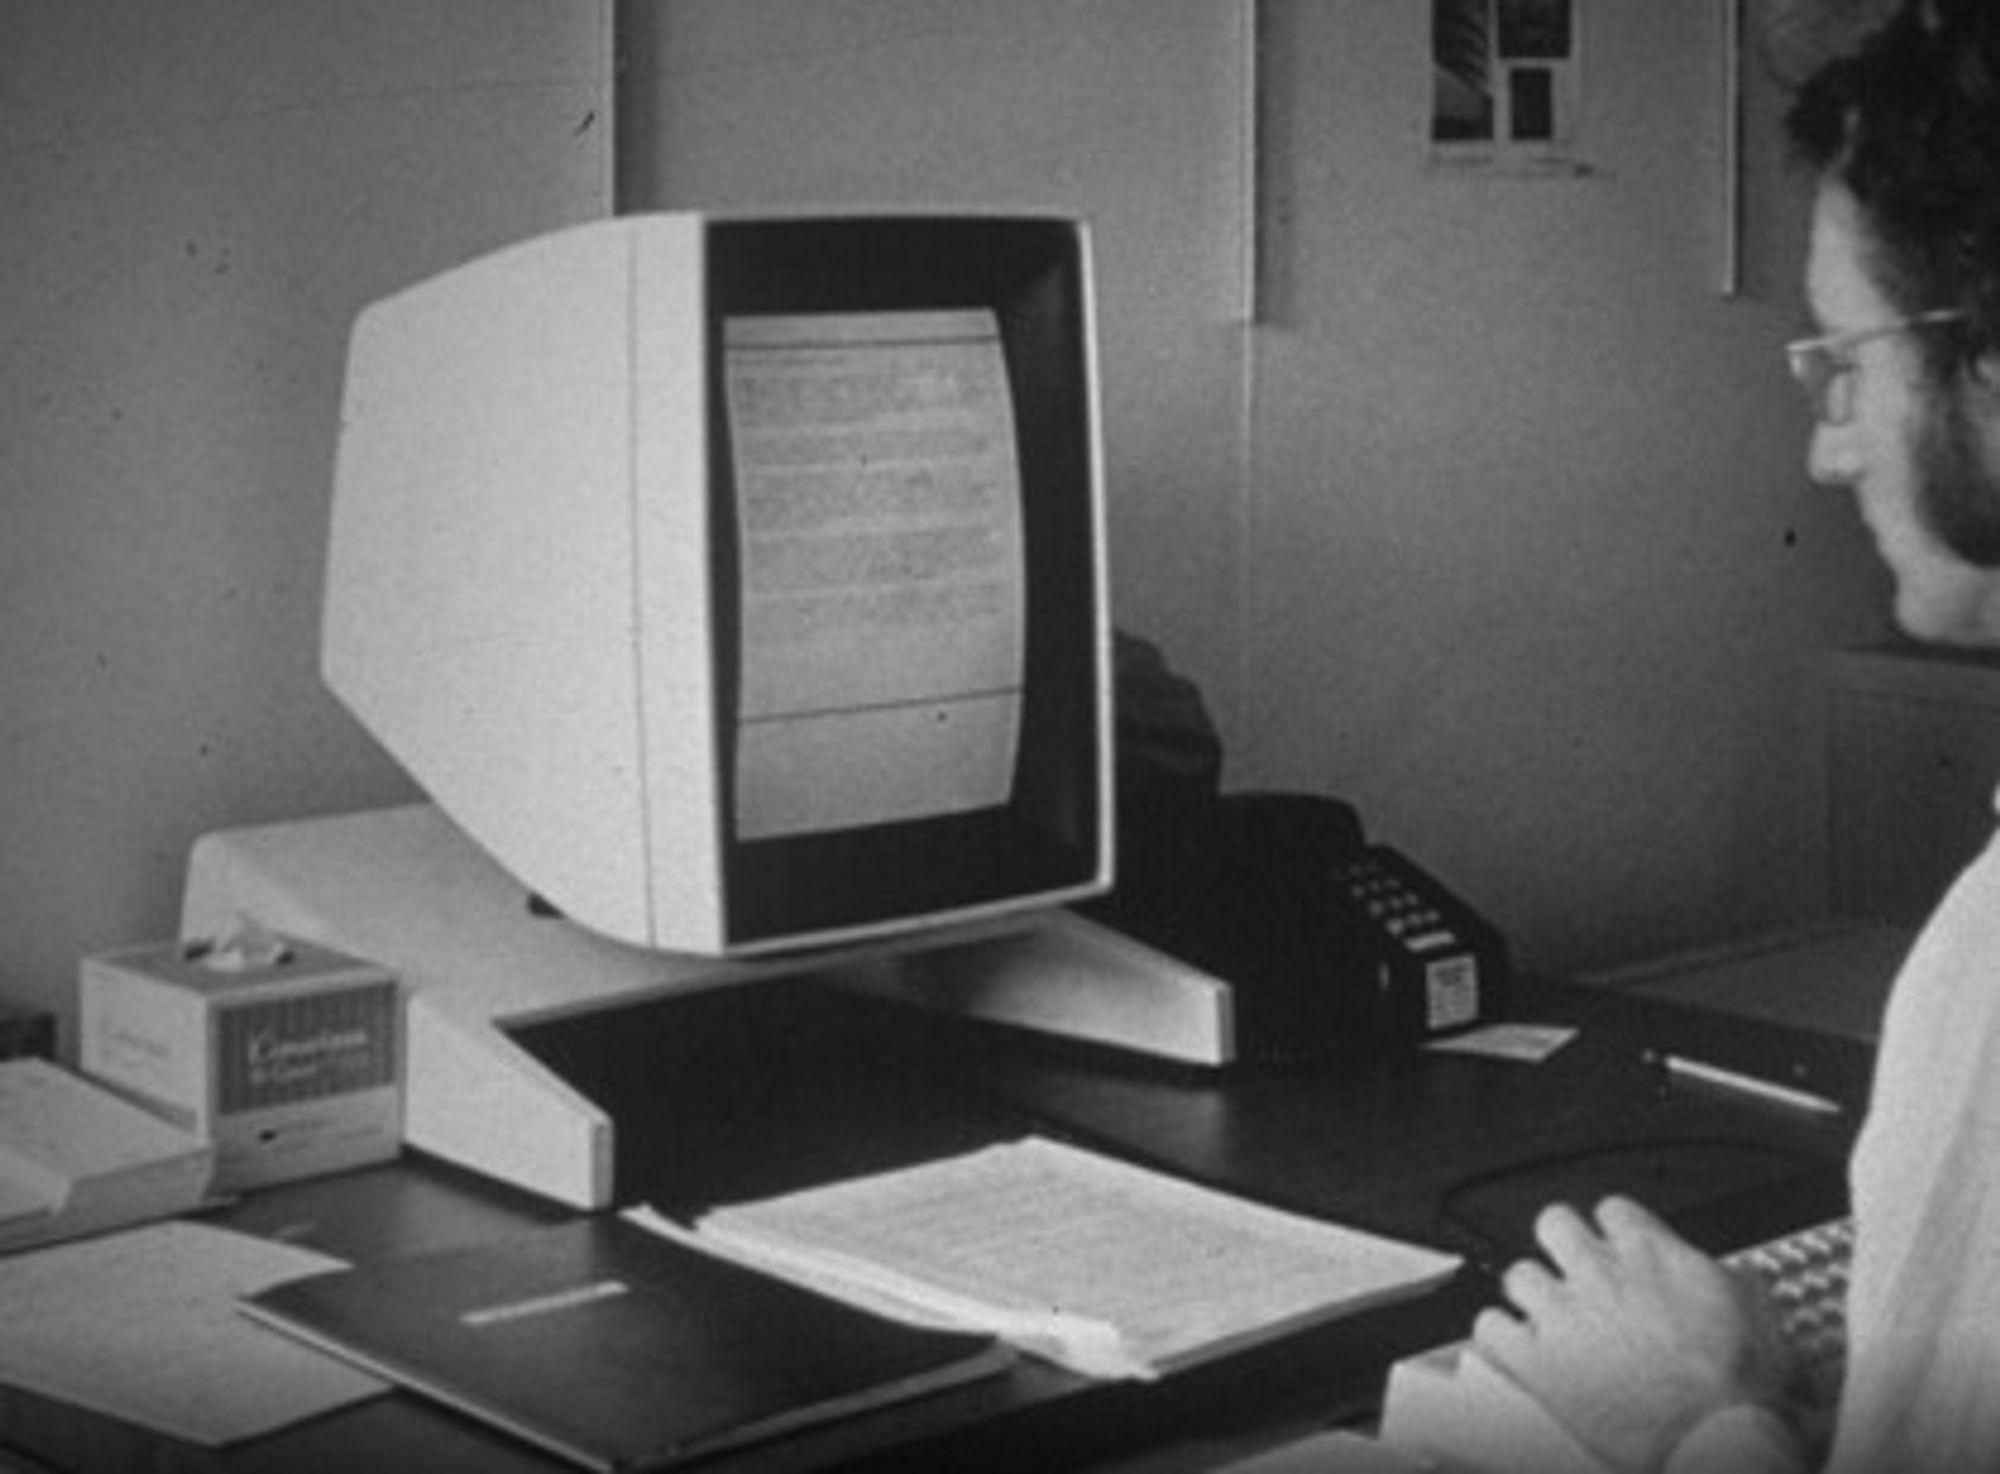 Xerox Alto regnes som den første personerlige arbeidsstasjonen. Den hadde grafisk brukergrensesnittm mus og nettverksstøtte i 1973.